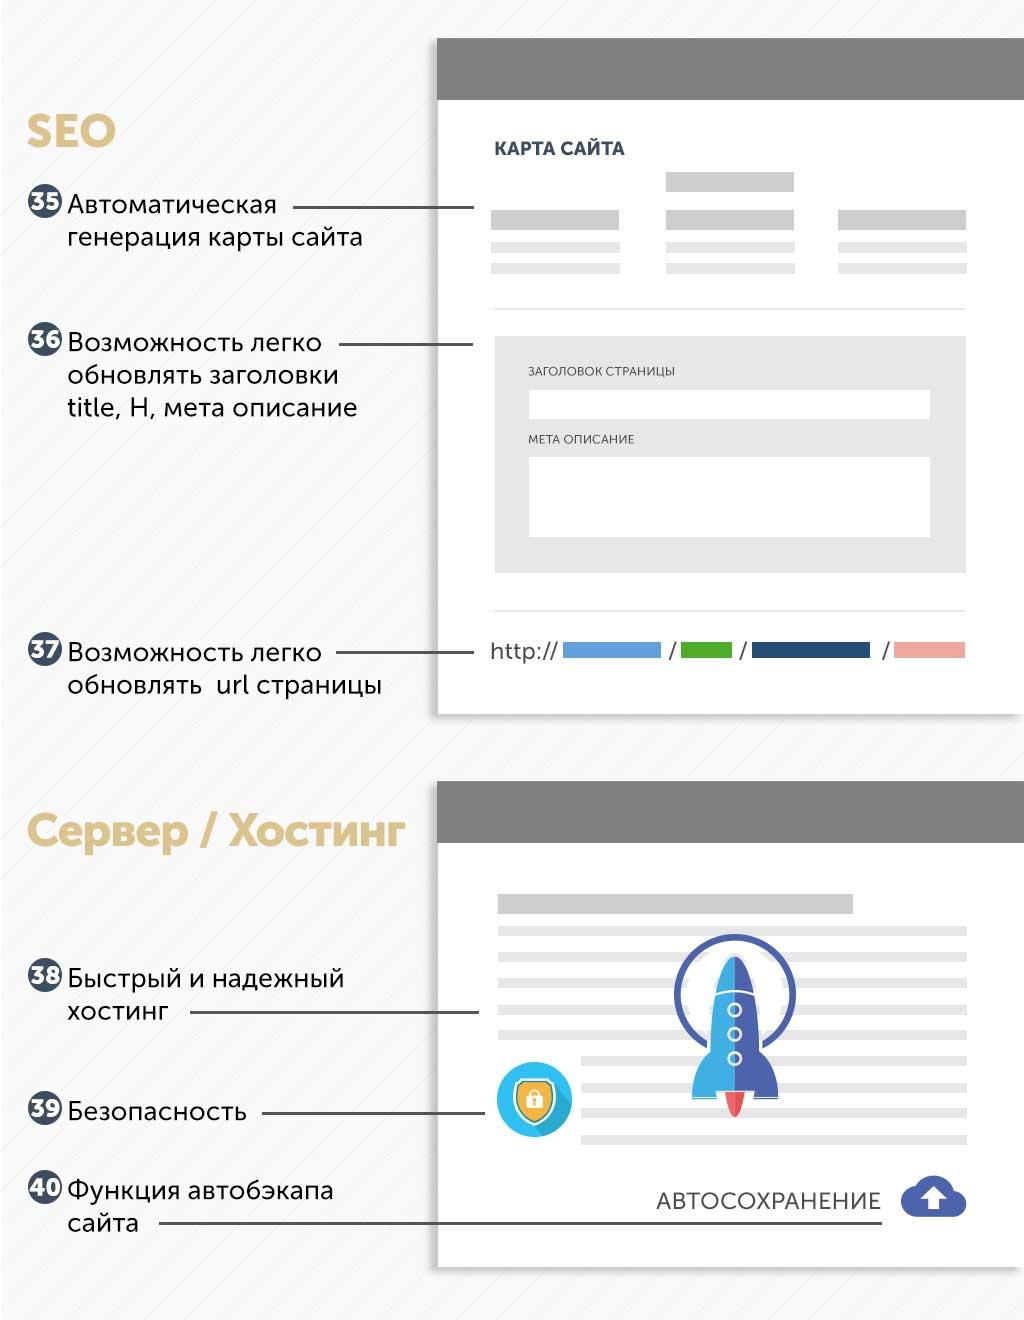 Инфографика про дизайн сайтов заказать дизайн сайта SEO